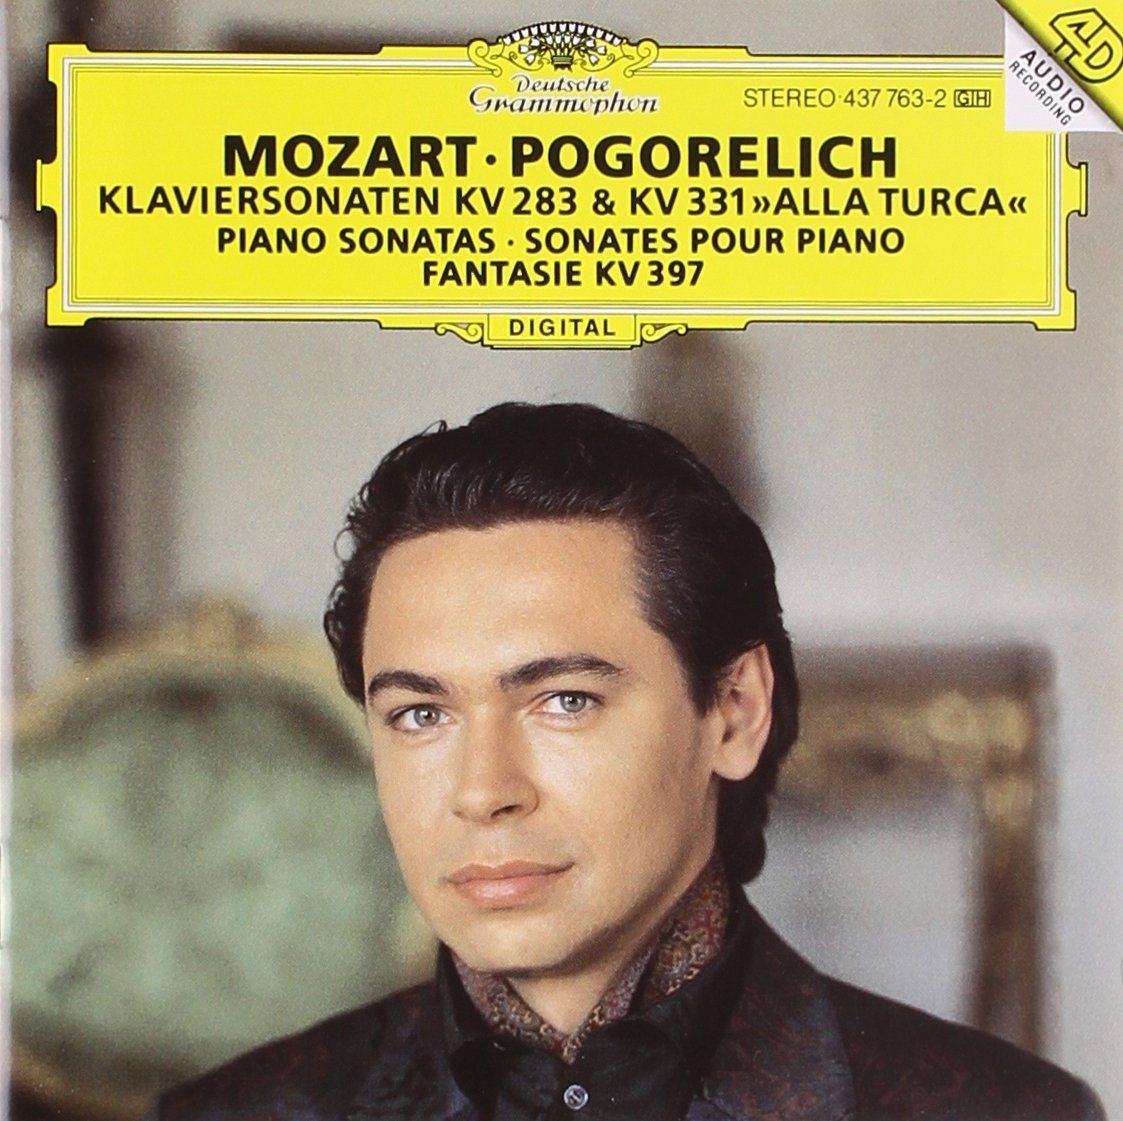 Ivo Pogorelich 71IuOG2e6DL._SL1500_